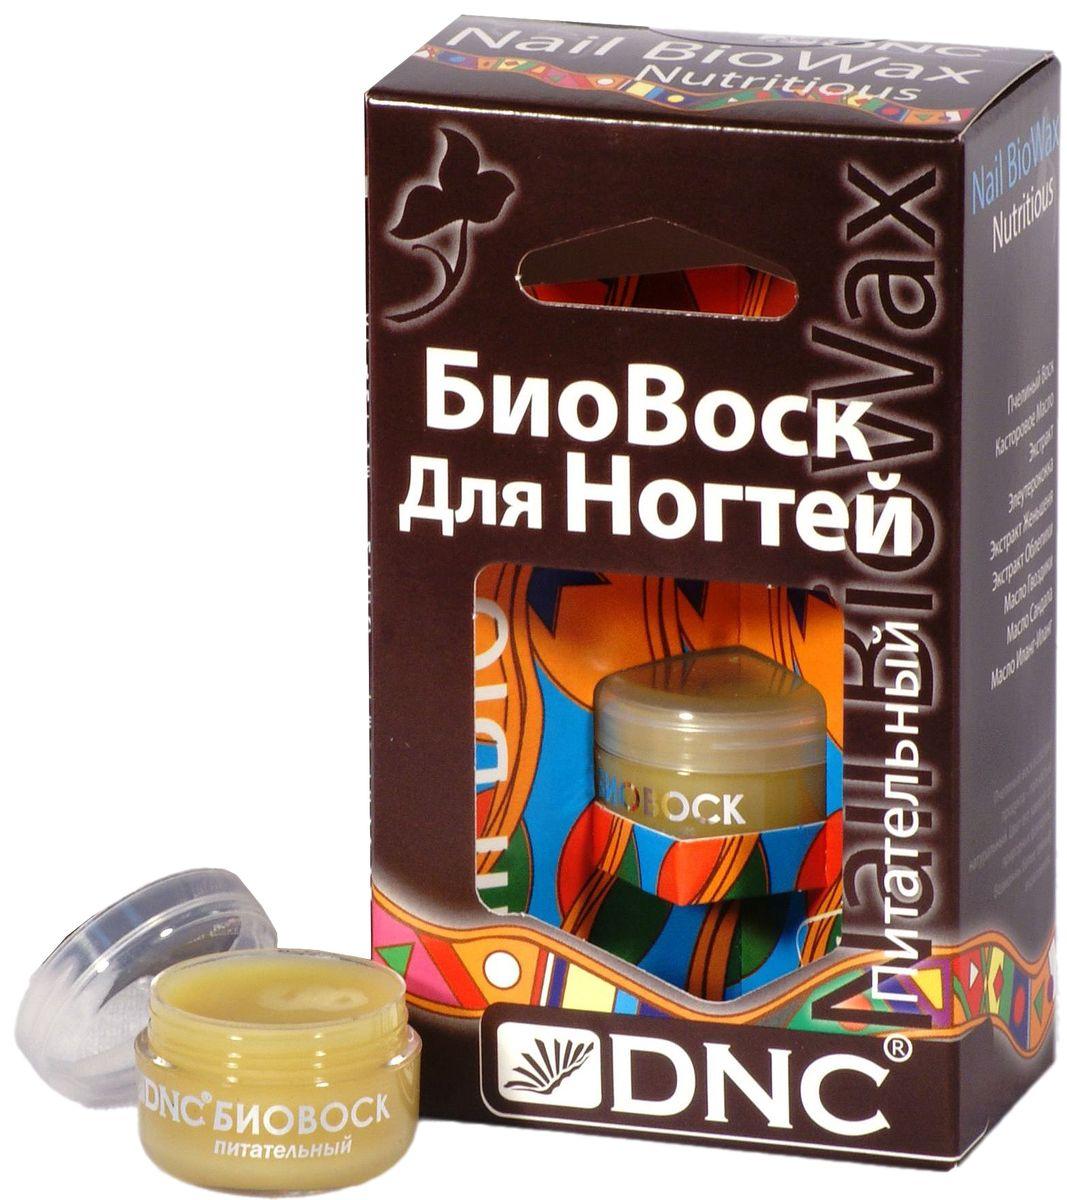 DNC Биовоск для ногтей, питательный, 2 х 6 мл4751006751170Касторовое масло, входящее в состав Биовоска, обеспечивает ногти необходимыми питательными веществами, способствует смягчению кутикул и заживлению ранок. Воск это тот косметический продукт, который легко оценить с первого же применения. Действовать он начинает моментально. Сразу после нанесения кутикулы приобретают аккуратный и ухоженный вид.